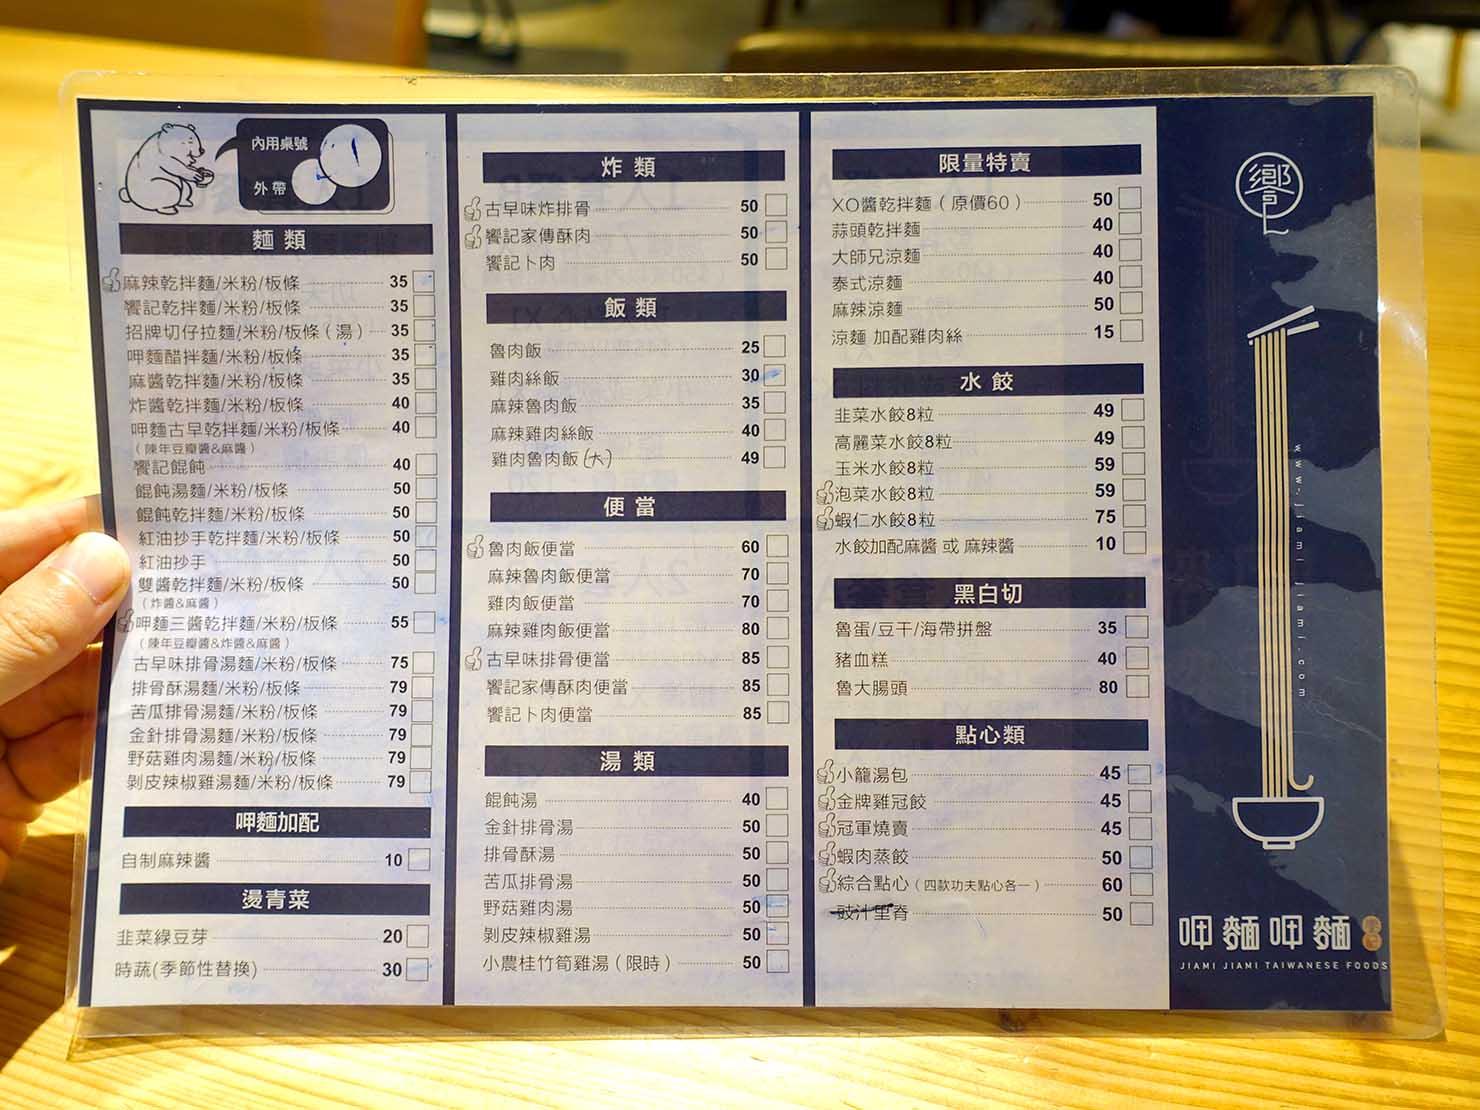 台北駅裏エリア(後站)のおすすめグルメ店「呷麵呷麵 饗記麵舖」のメニュー表